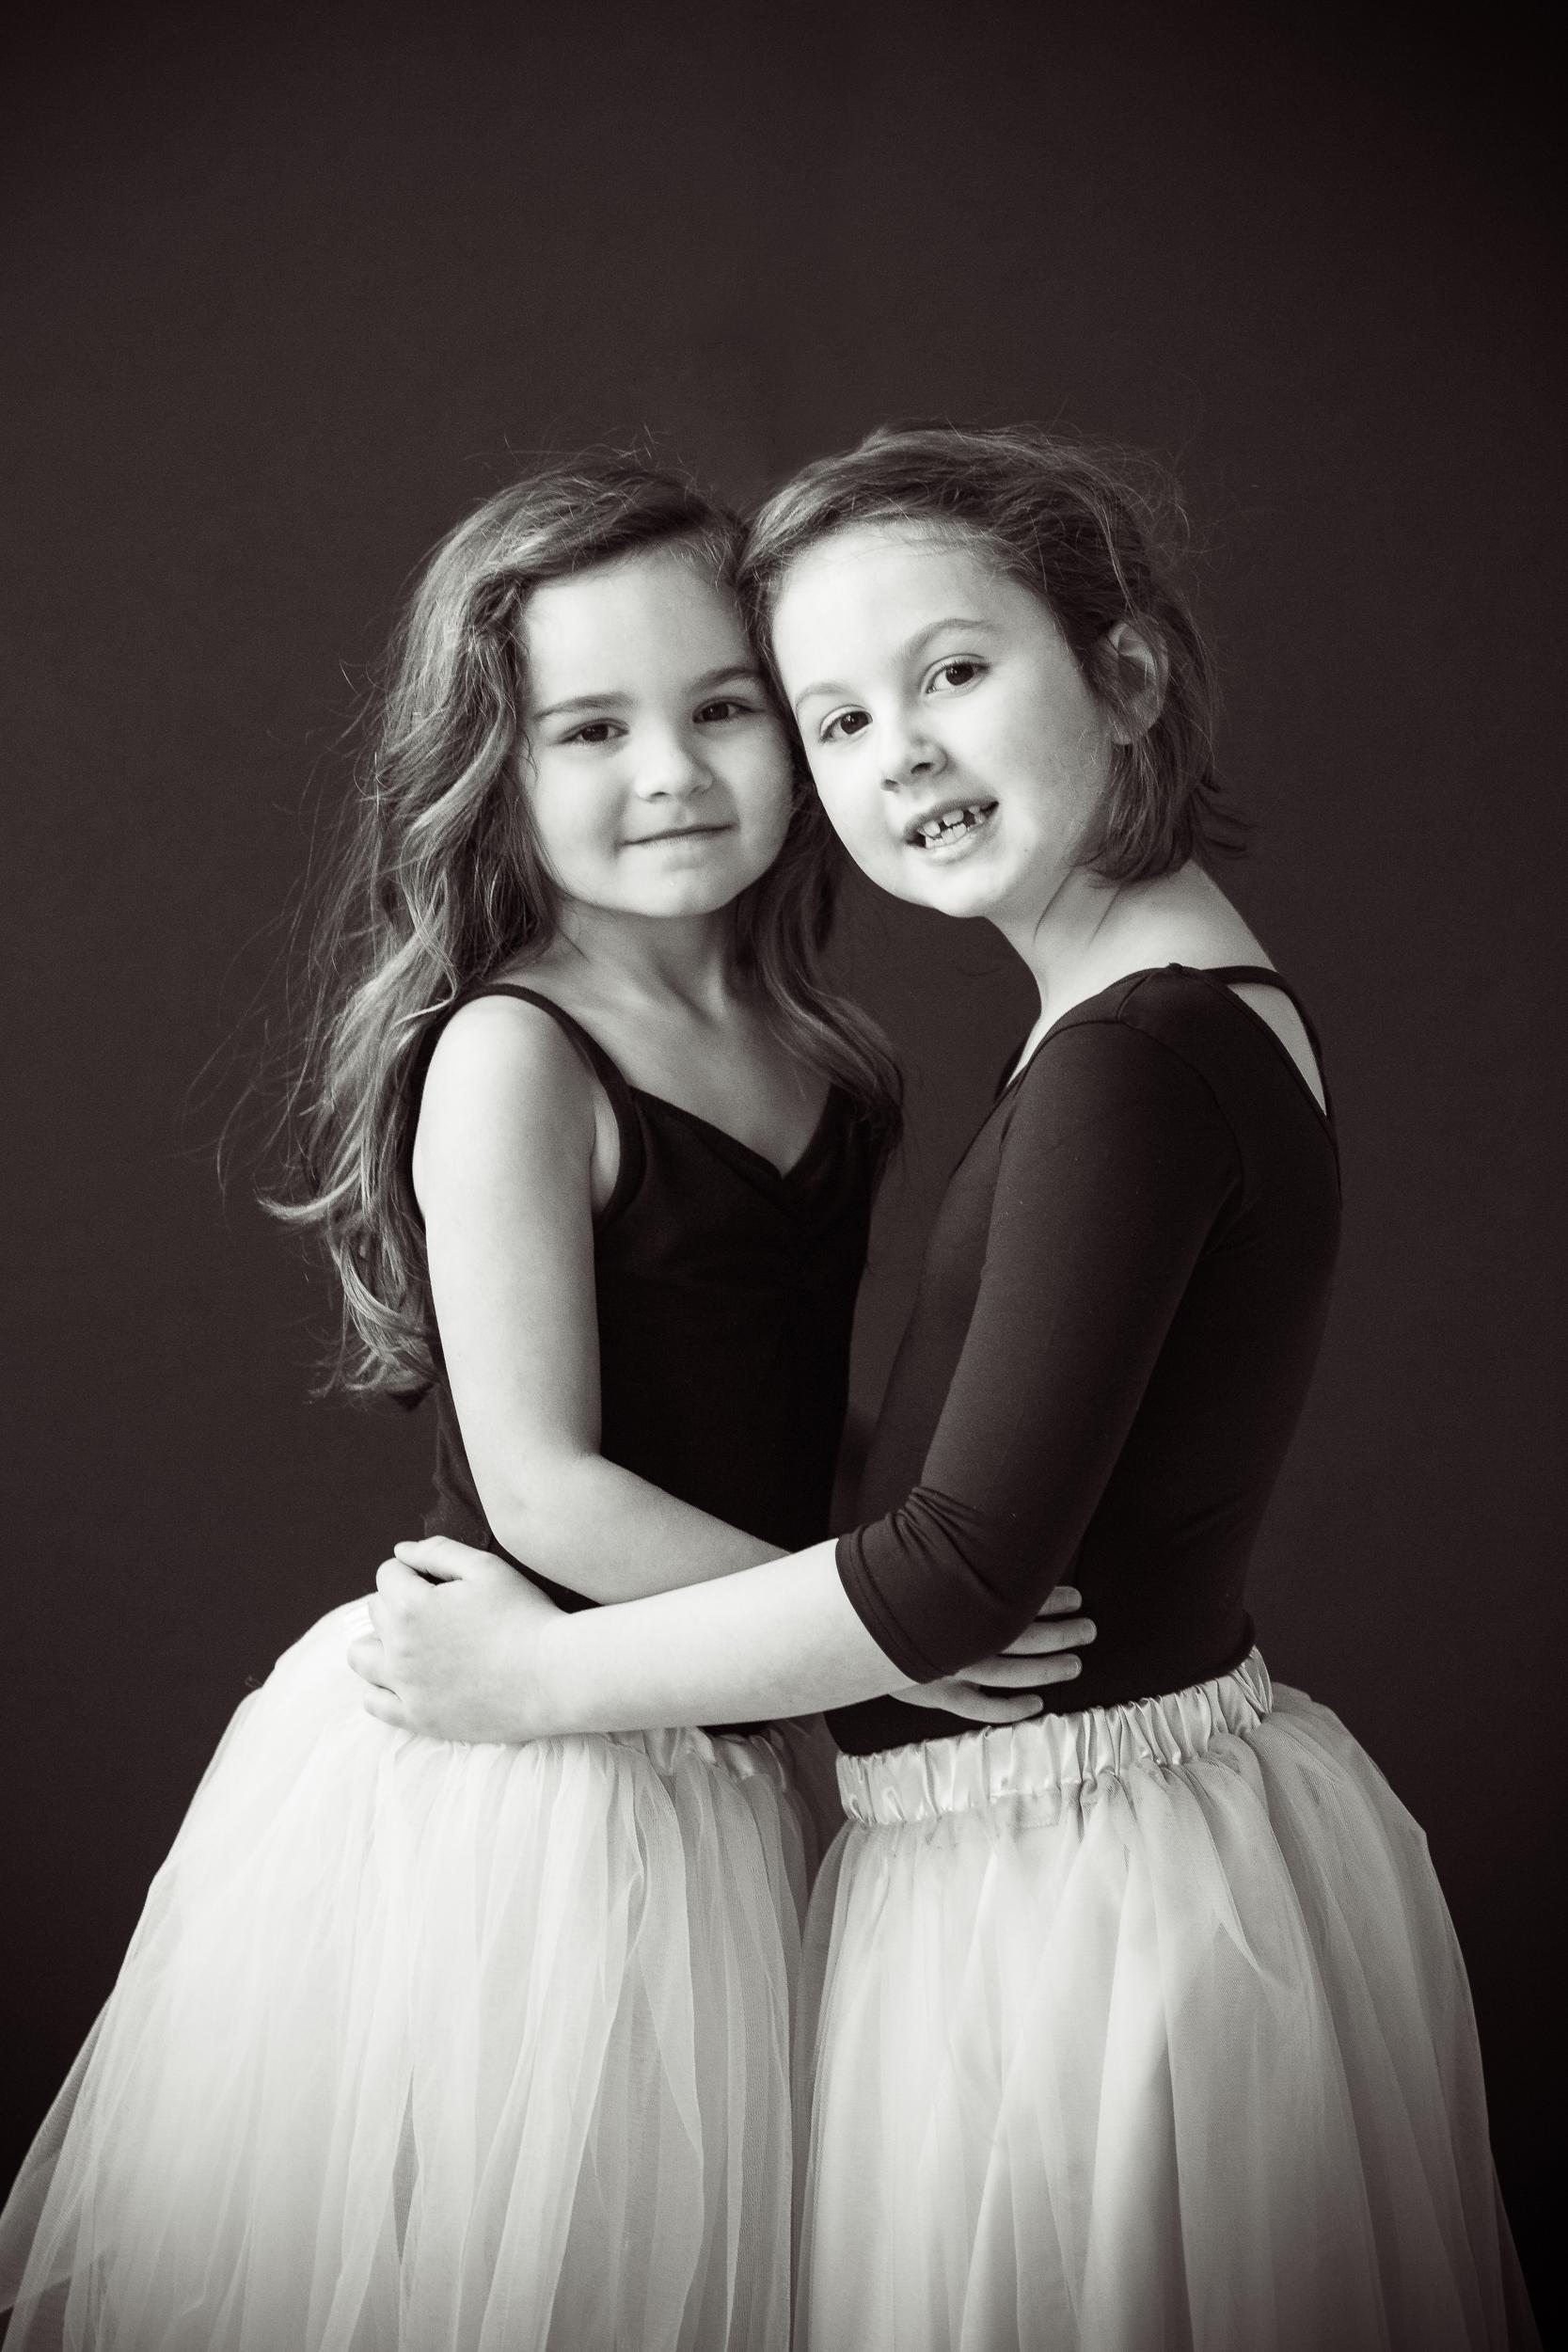 Rochester_NY_Fine_Art_Childrens_Photographer-6.jpg